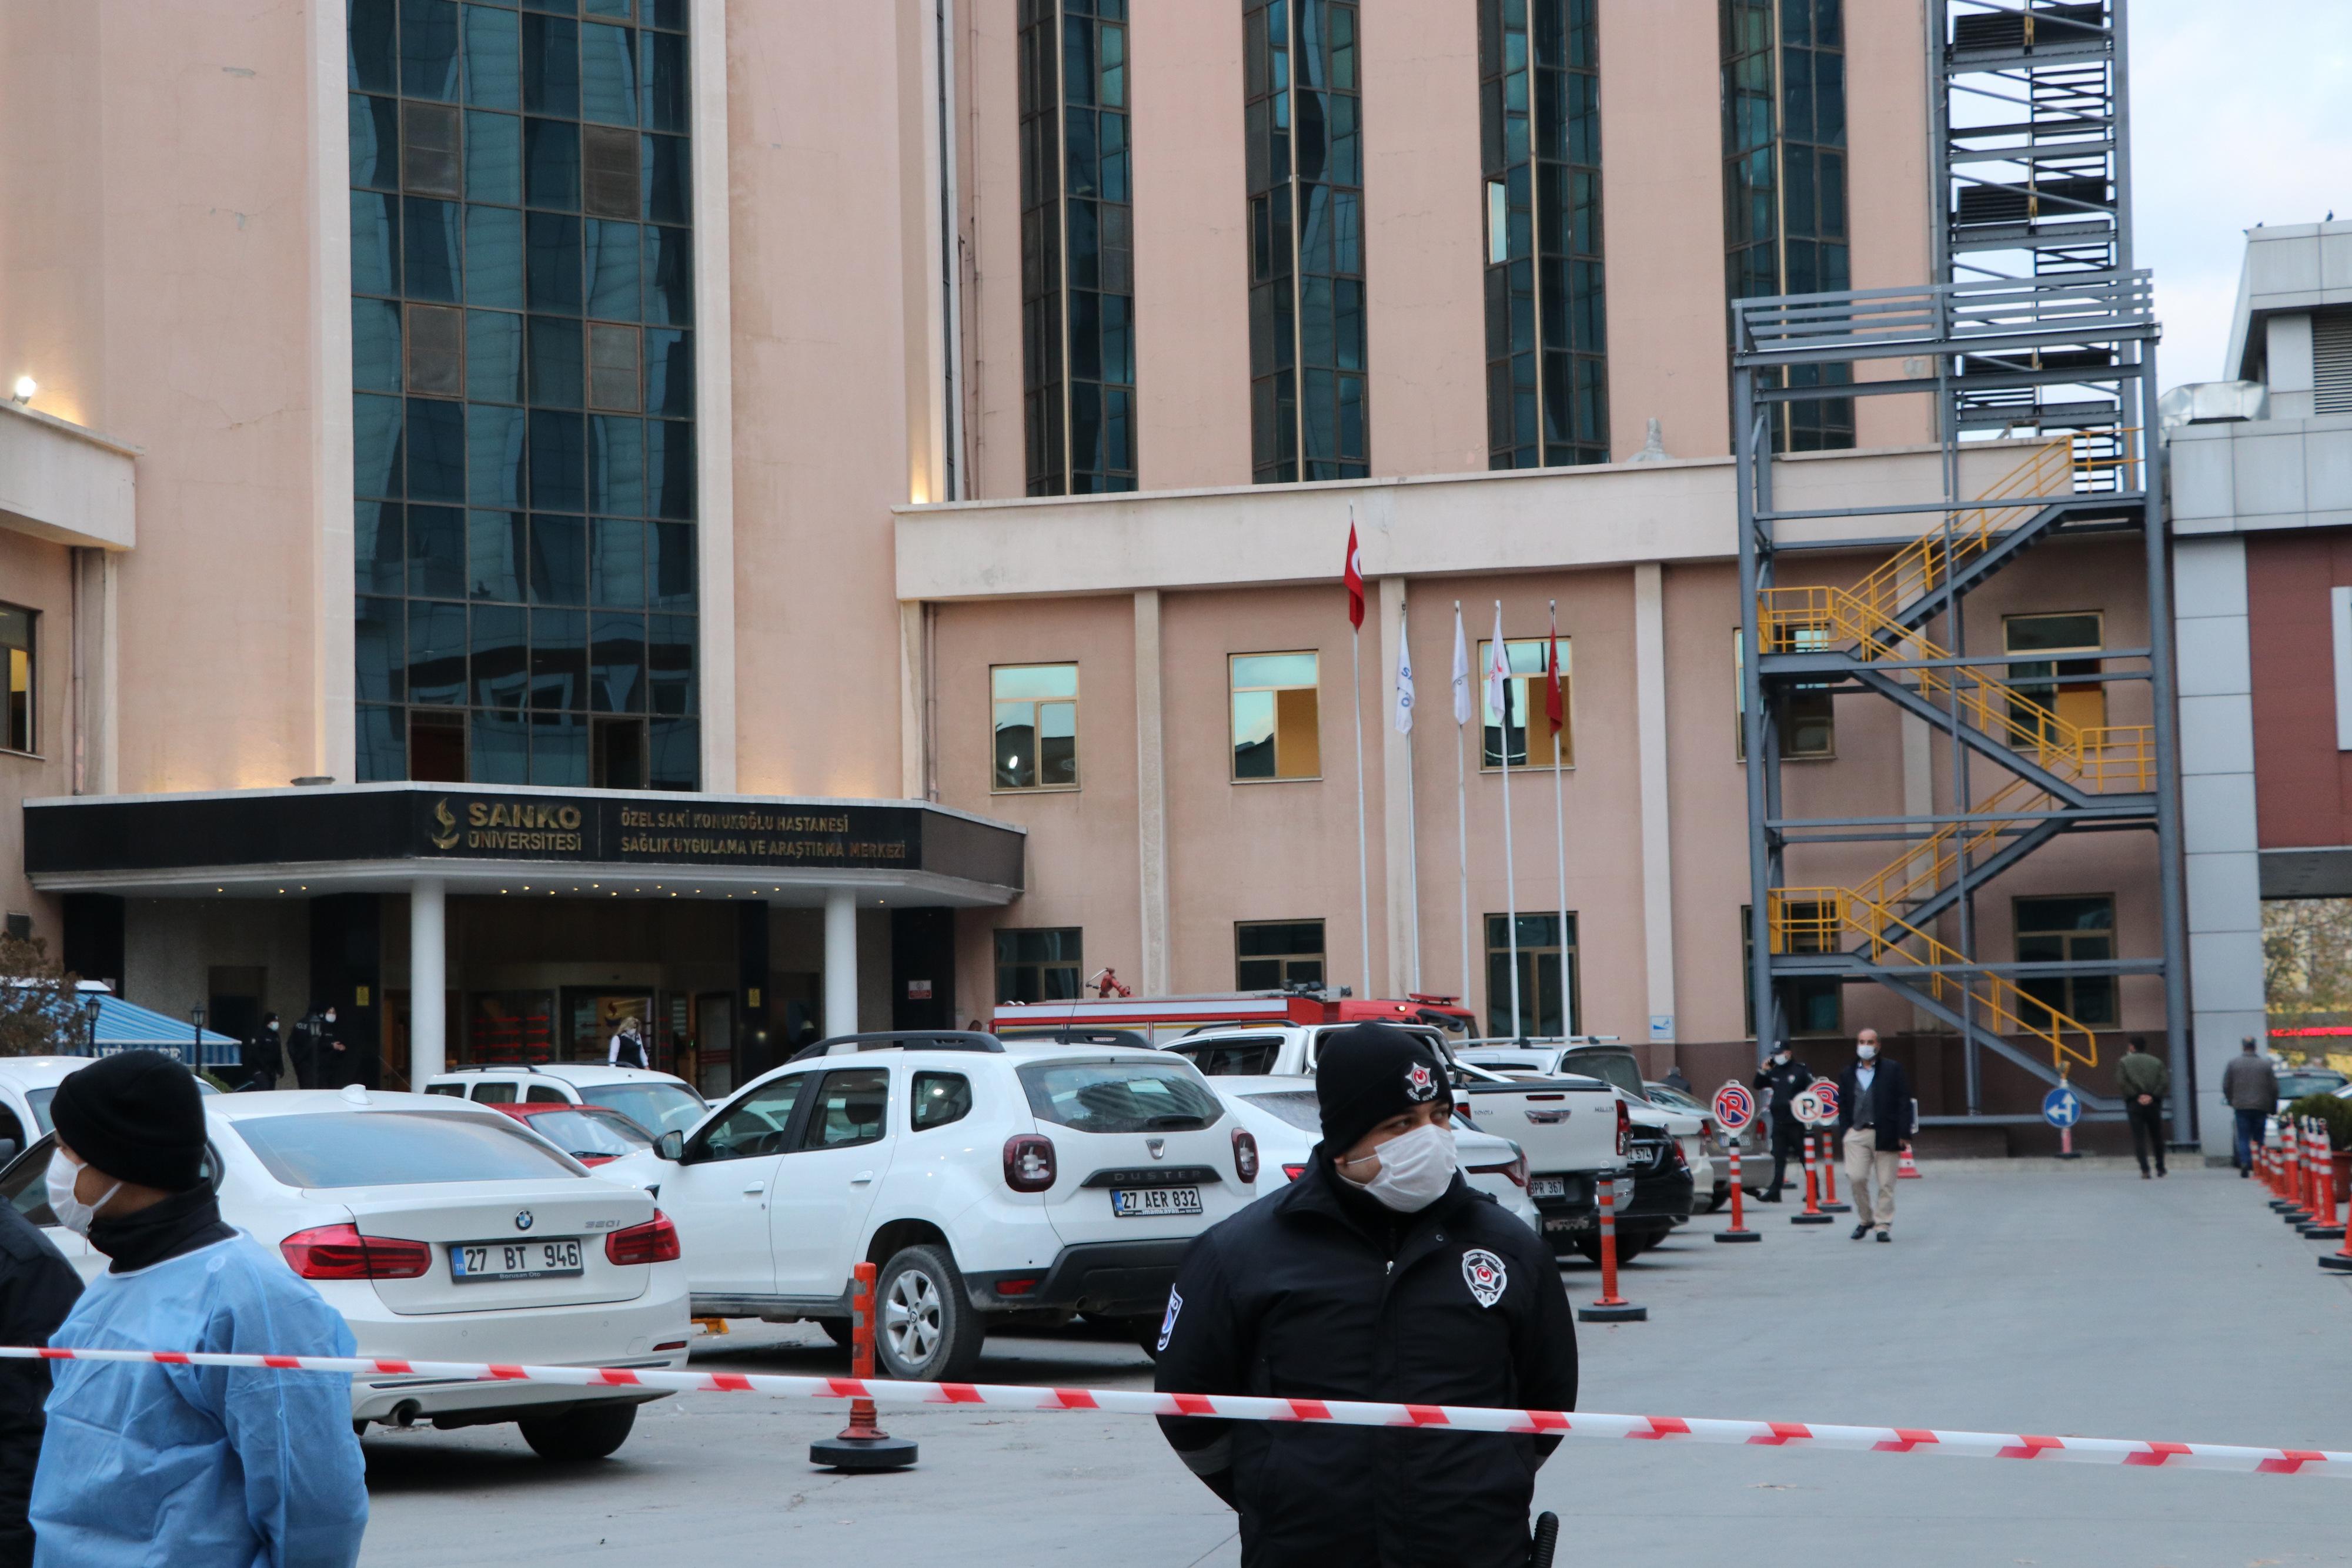 Son dakika | Gaziantep'te hastanede patlama: 8 kişi hayatını kaybetti, çok sayıda yaralı var